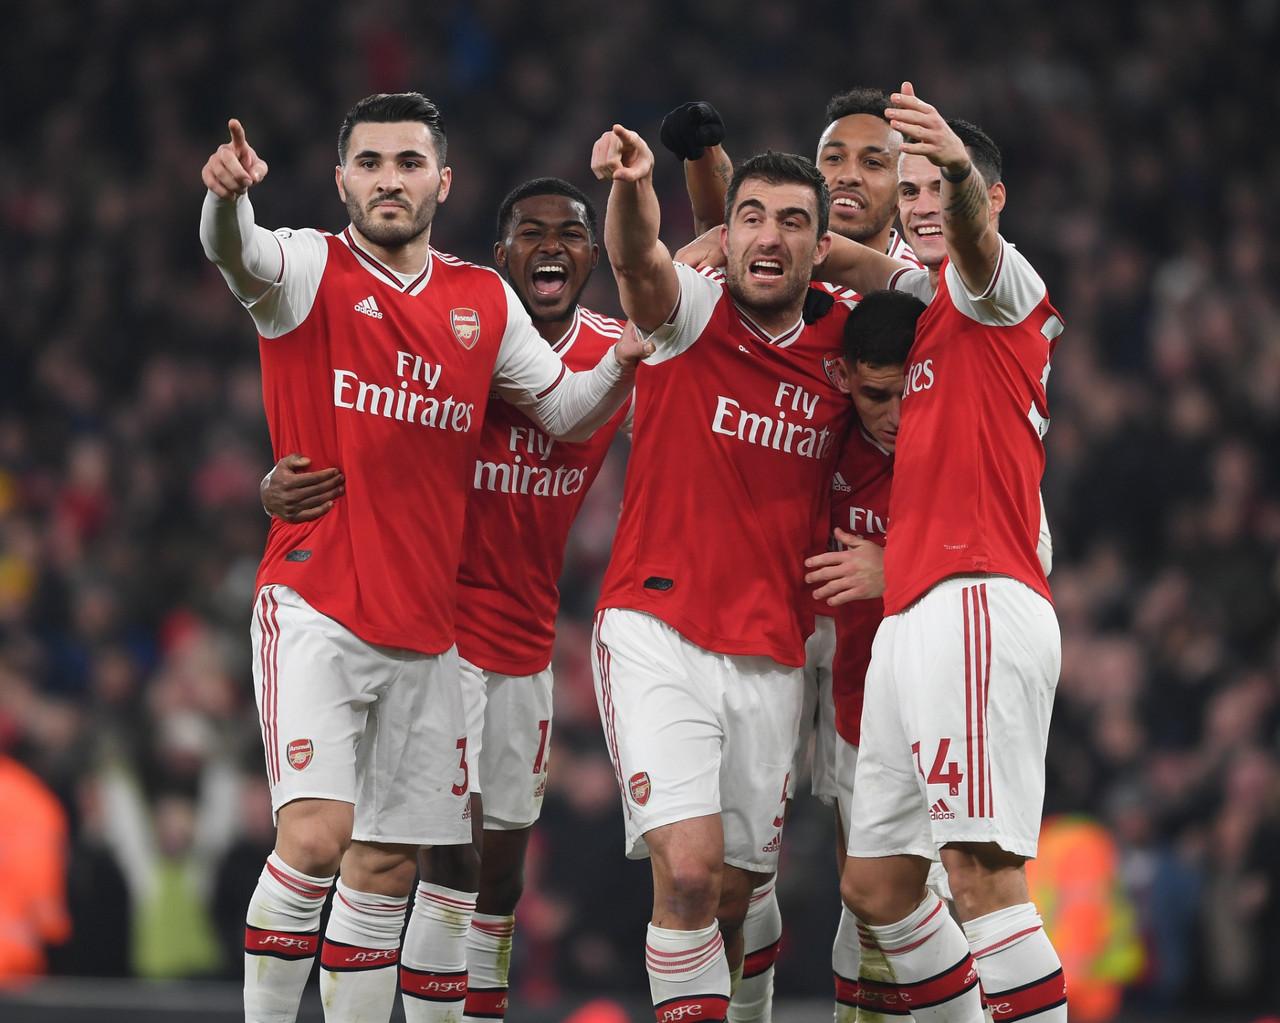 Prima vittoria per Arteta con l'Arsenal: United battuto 2-0